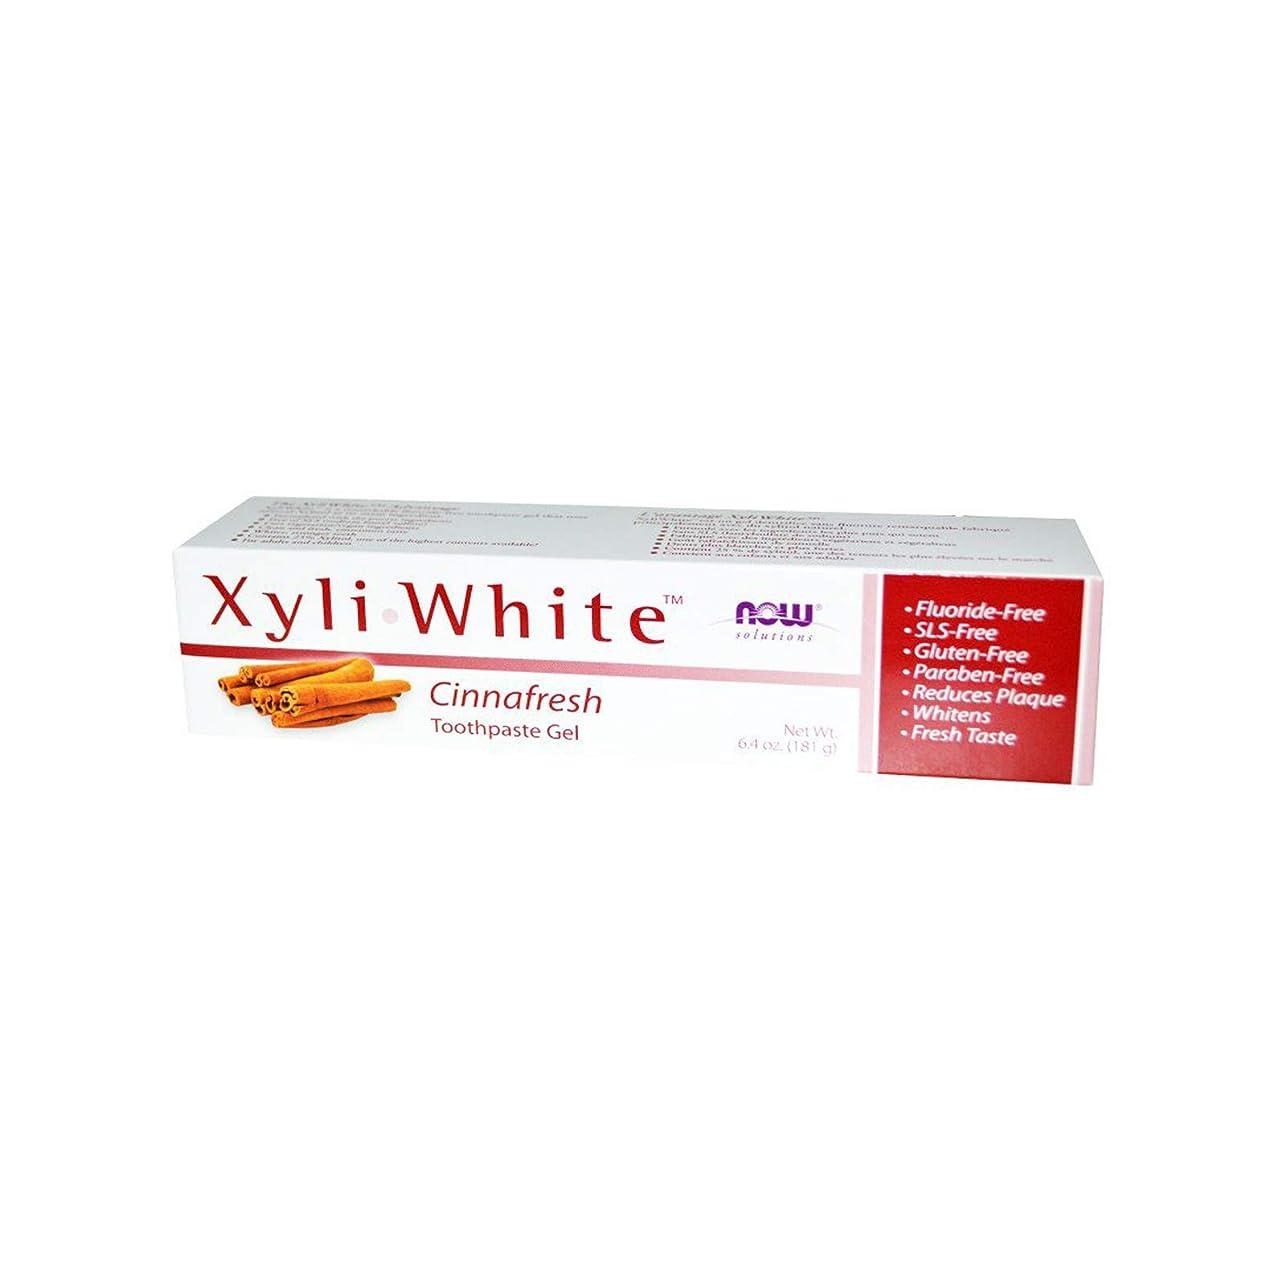 の台風刺す海外直送品 Now Foods XYLIWHITE TOOTHPASTE, 6.4 oz NATURAL-CINNAMON